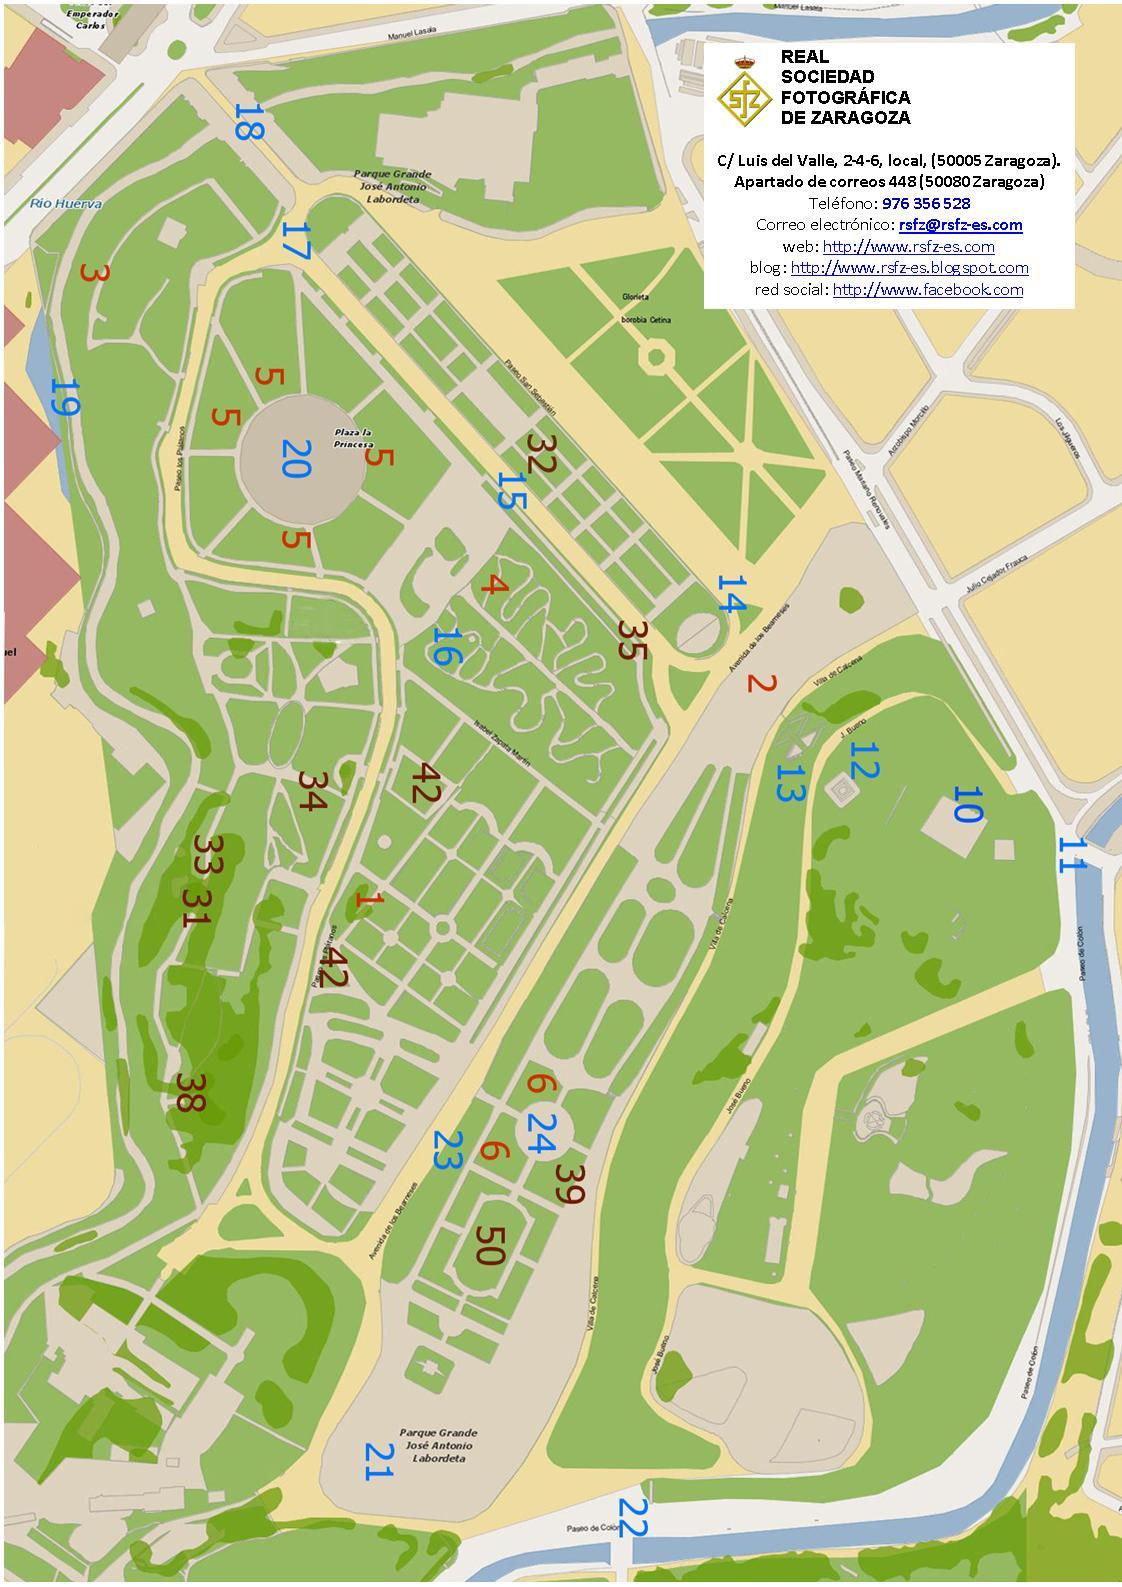 Mapa Parque Grande Zaragoza.Recorridos Fotograficos Por El Parque Jose Antonio Labordeta Real Sociedad Fotografica Zaragoza